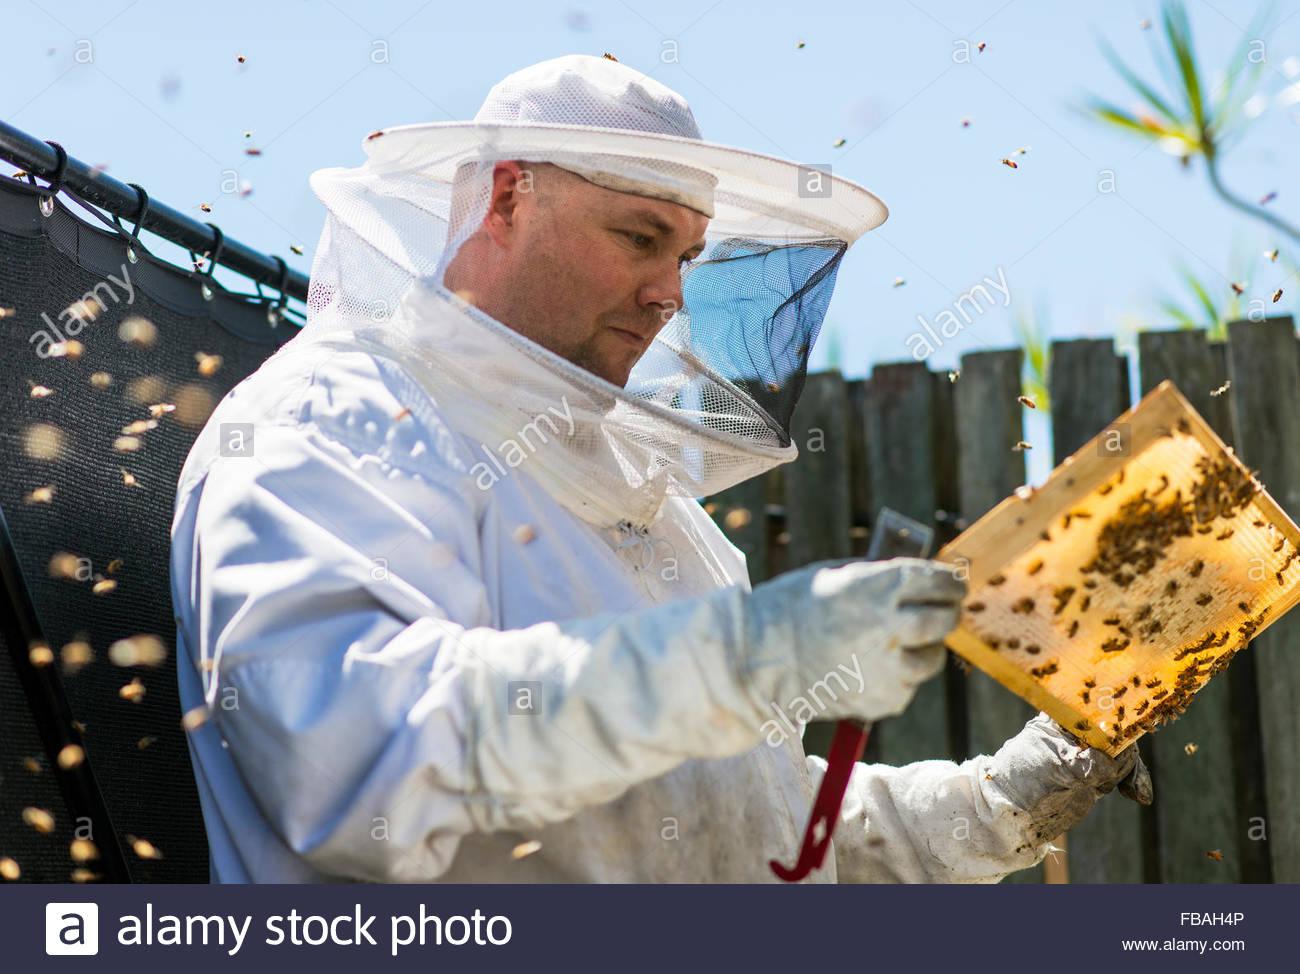 Australia, Queensland, Beekeeper inspecting honeycomb - Stock Image